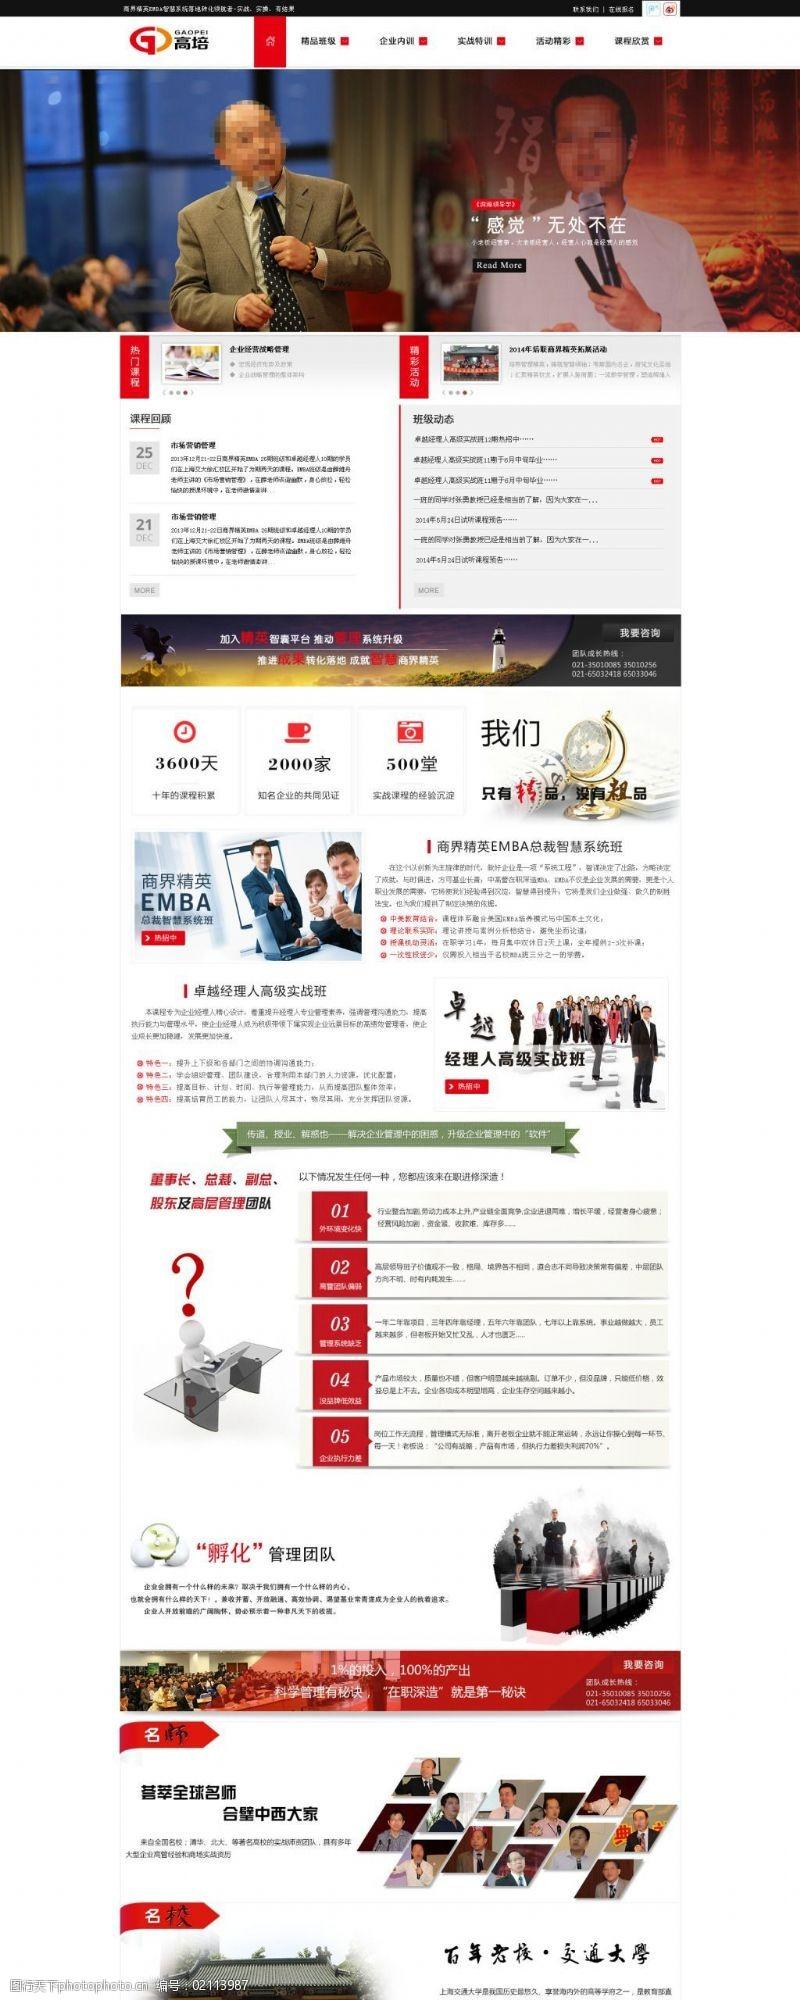 教育培训行业网页首页模板